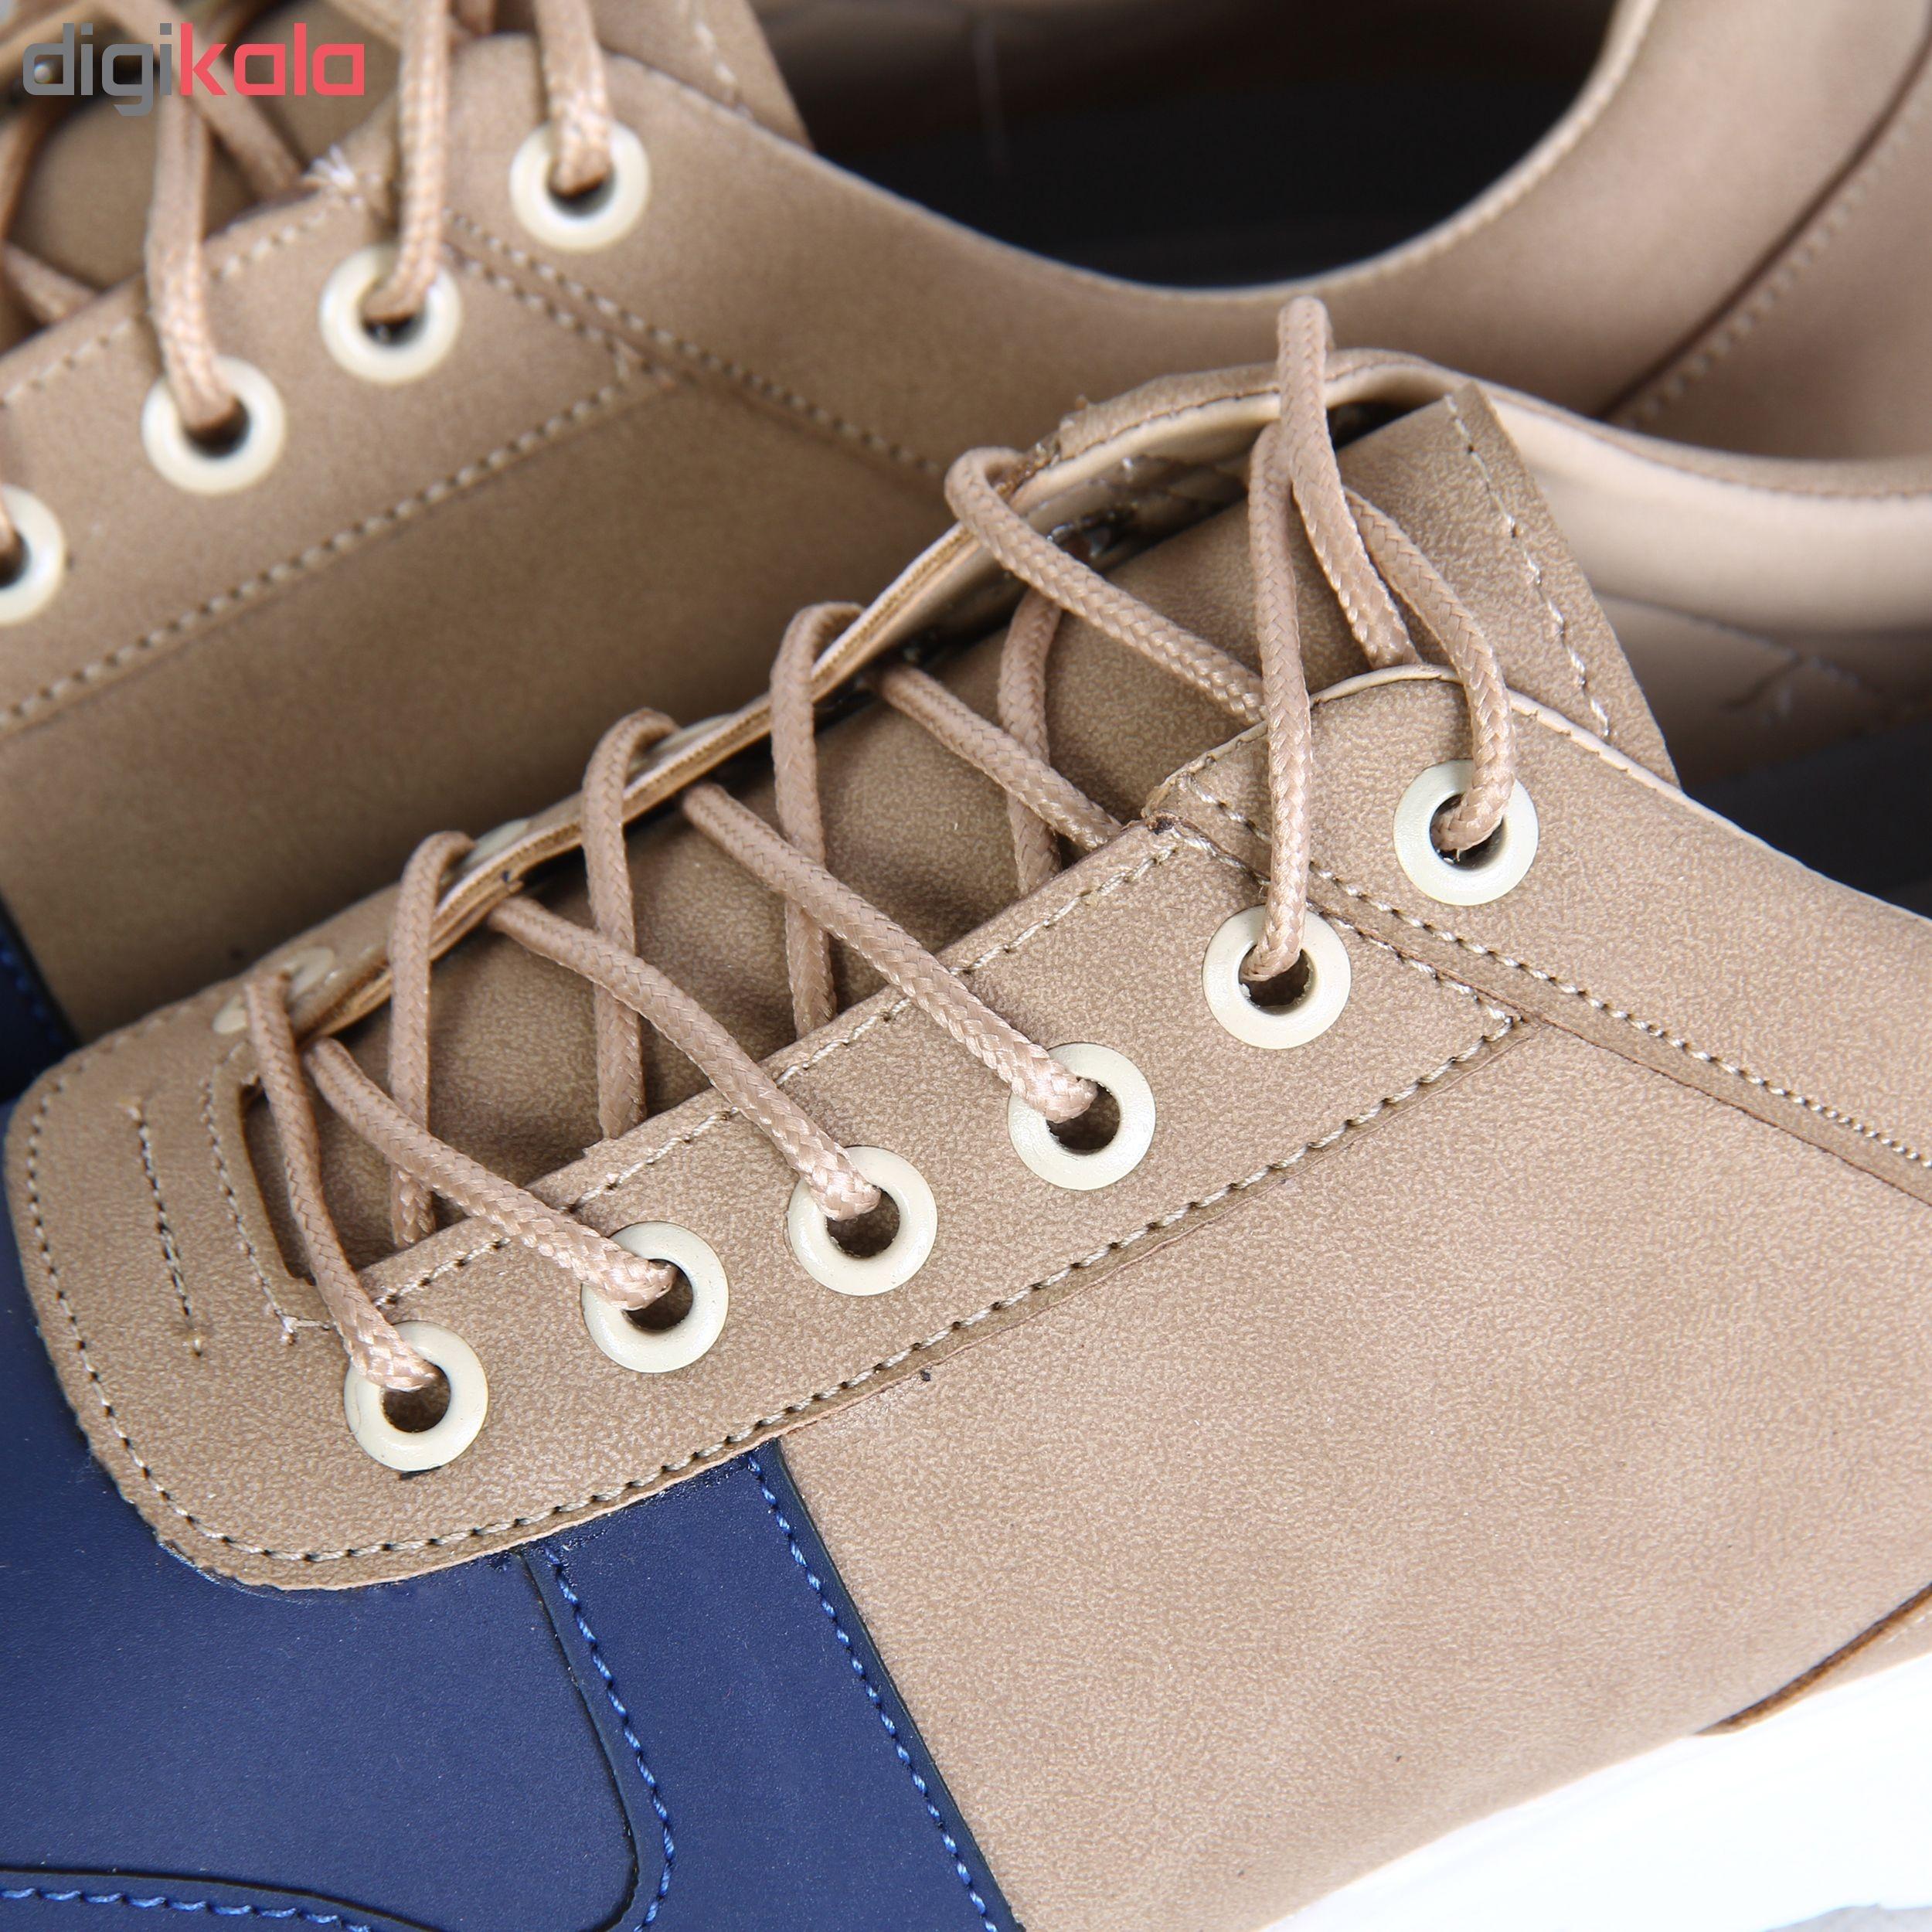 ست کیف و کفش زنانه کد 021 main 1 5